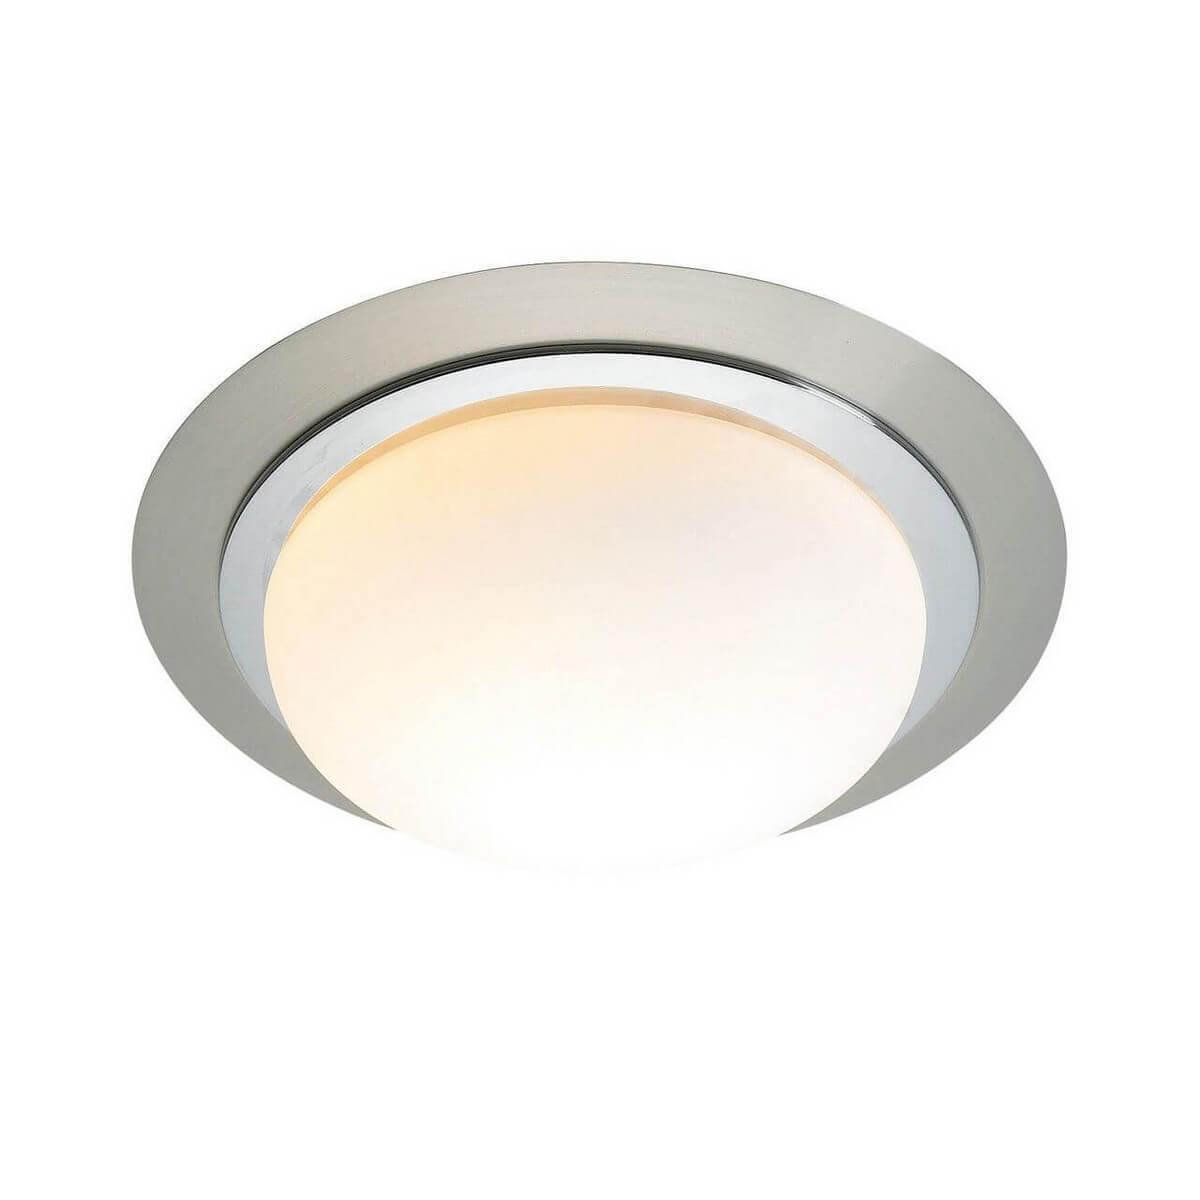 Потолочный светильник Markslojd Trosa 100196 накладной светильник markslojd trosa 100198